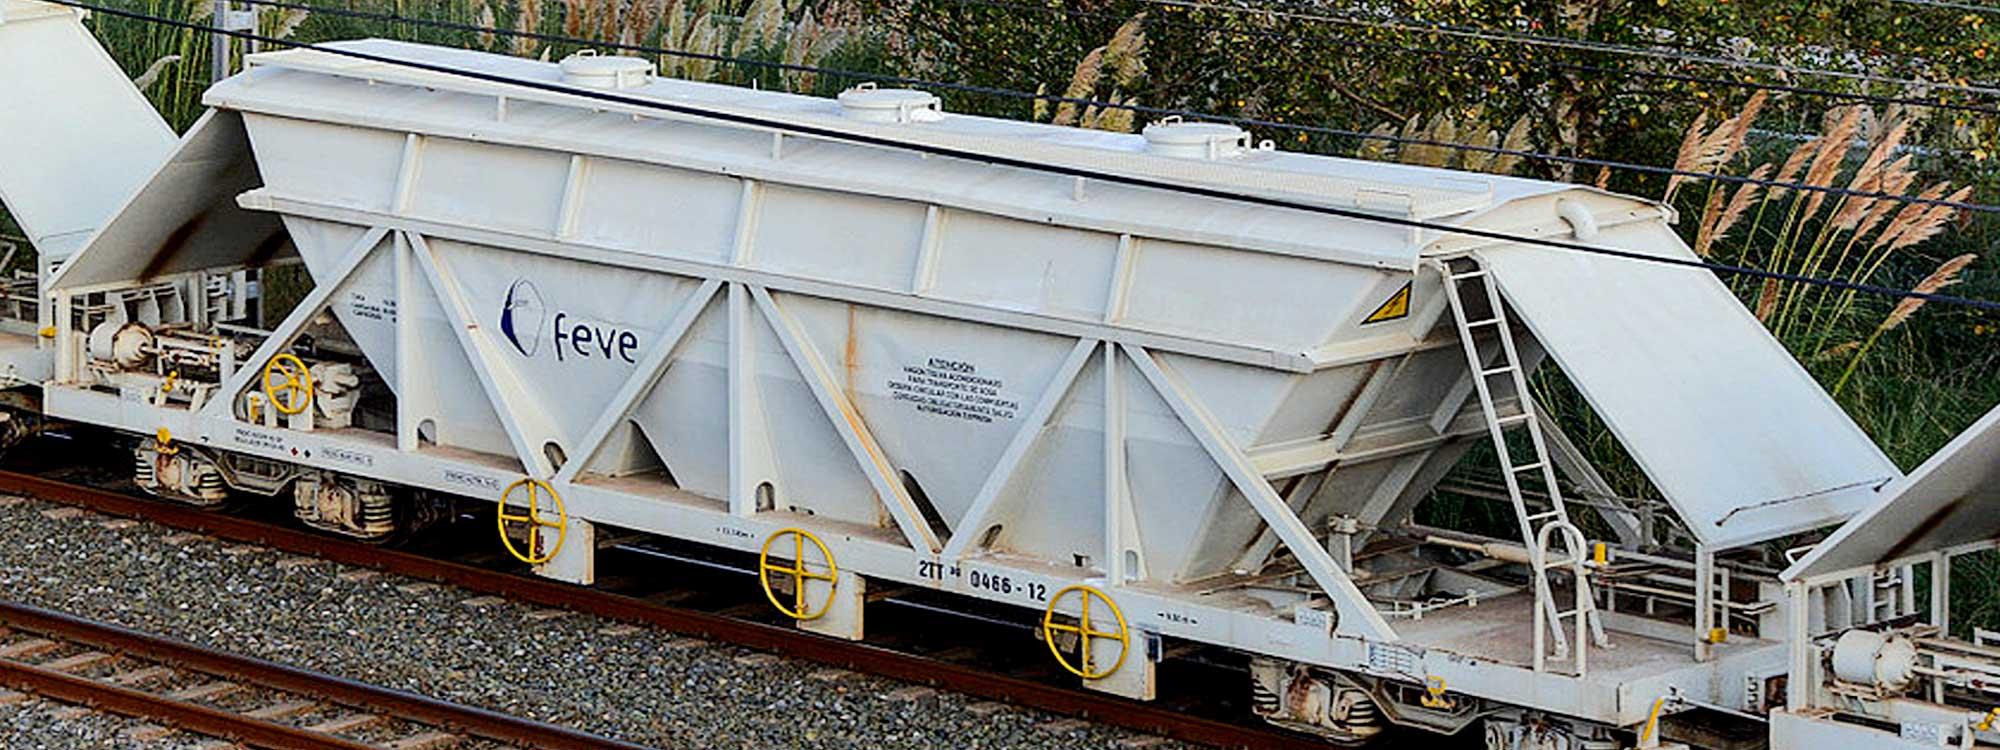 RENFE: Servicio de implantación de portaseñales y portadocumentos en 450 vagones de ancho métrico